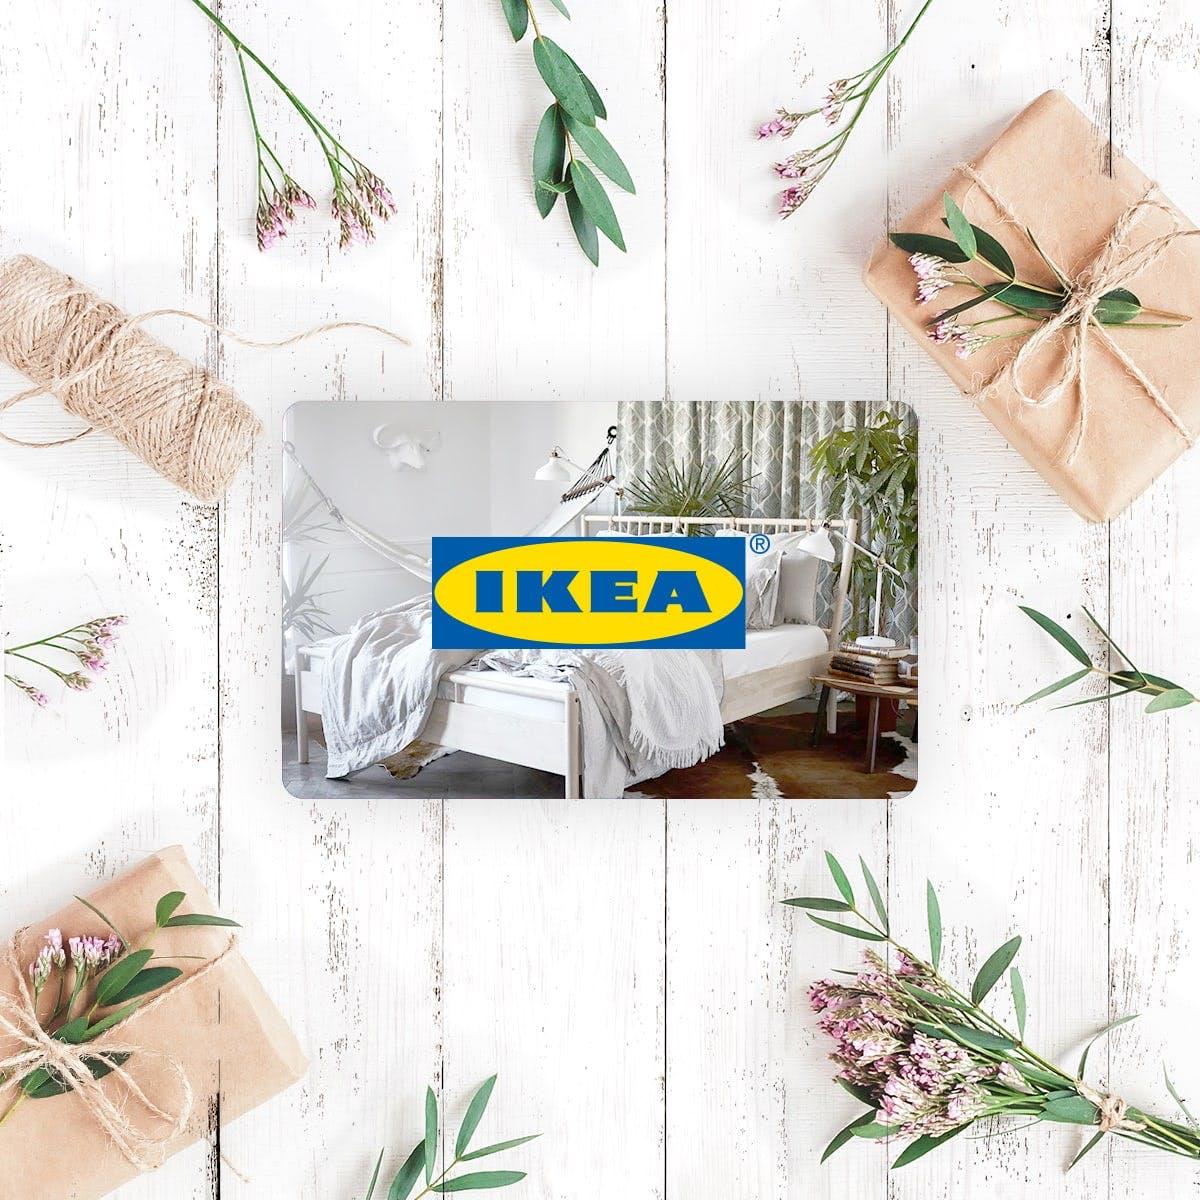 Instagram-Gewinnspiel: IKEA